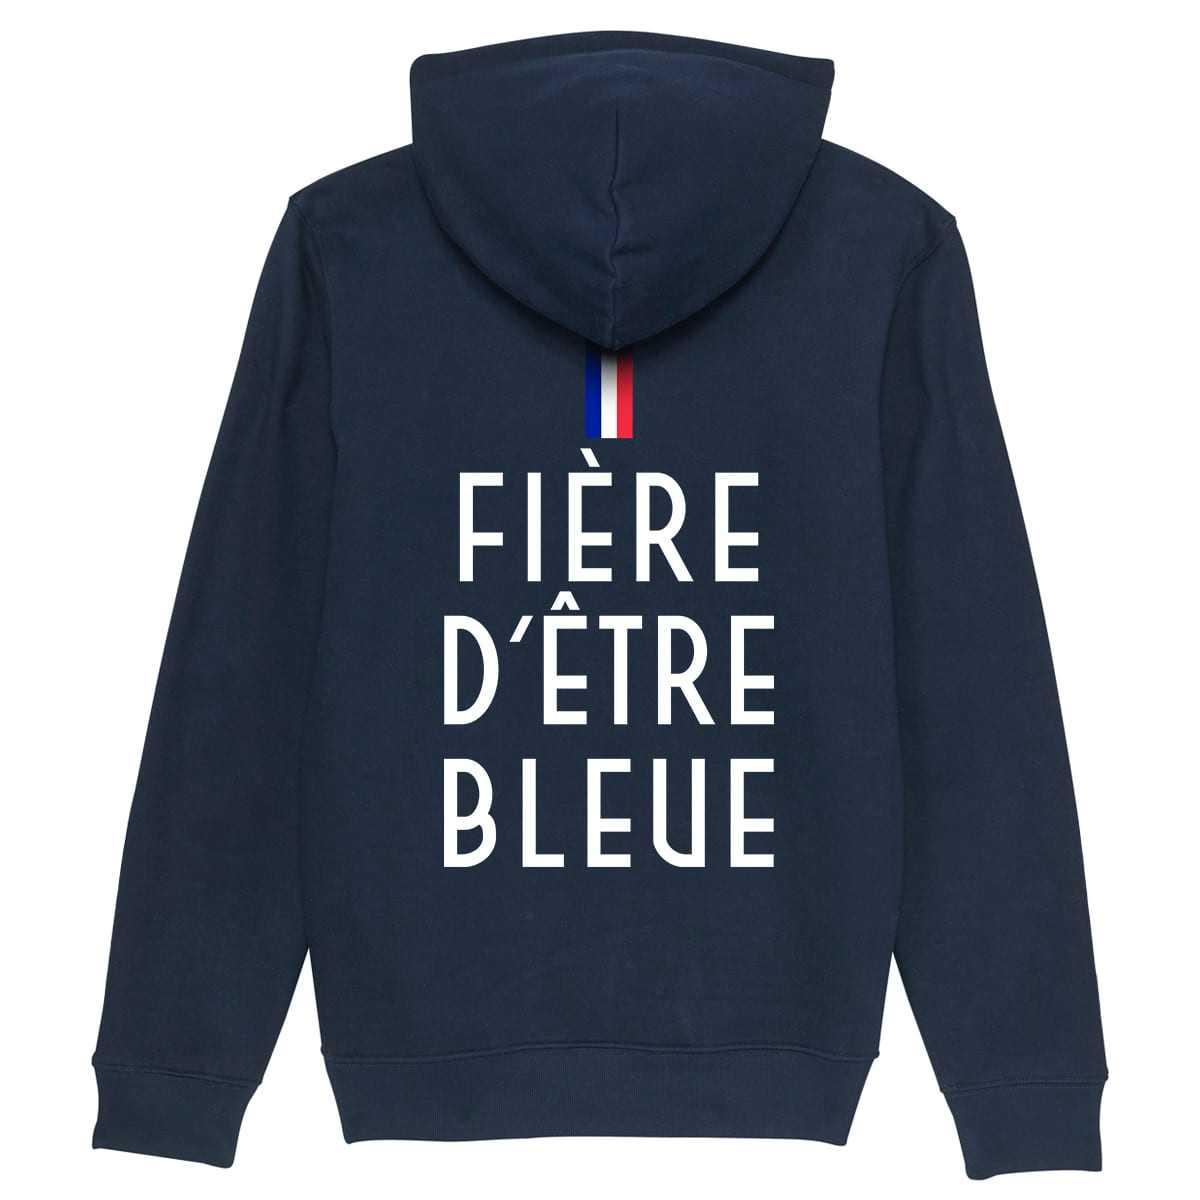 FIÈRE D'ÊTRE BLEUE - Hoodie - Caudie